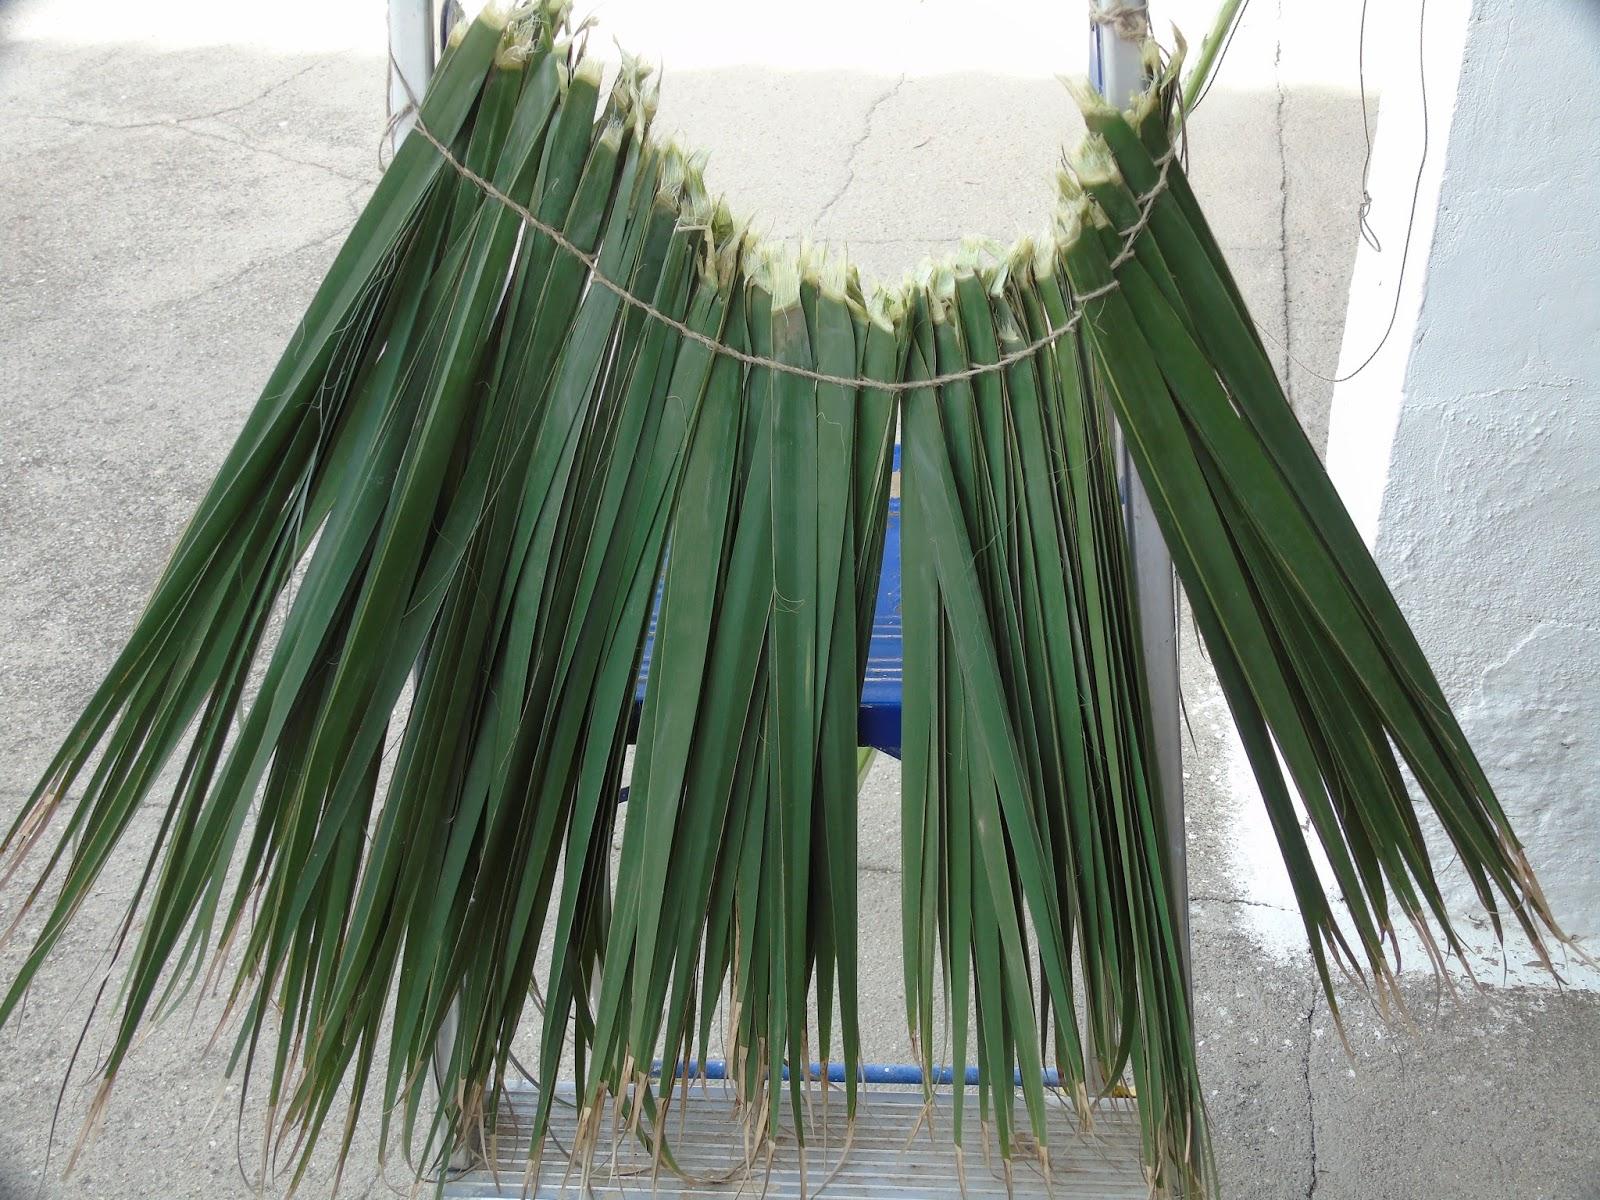 Recordando viejos oficios fabricaci n de escobas de palma - Escobas de palma ...